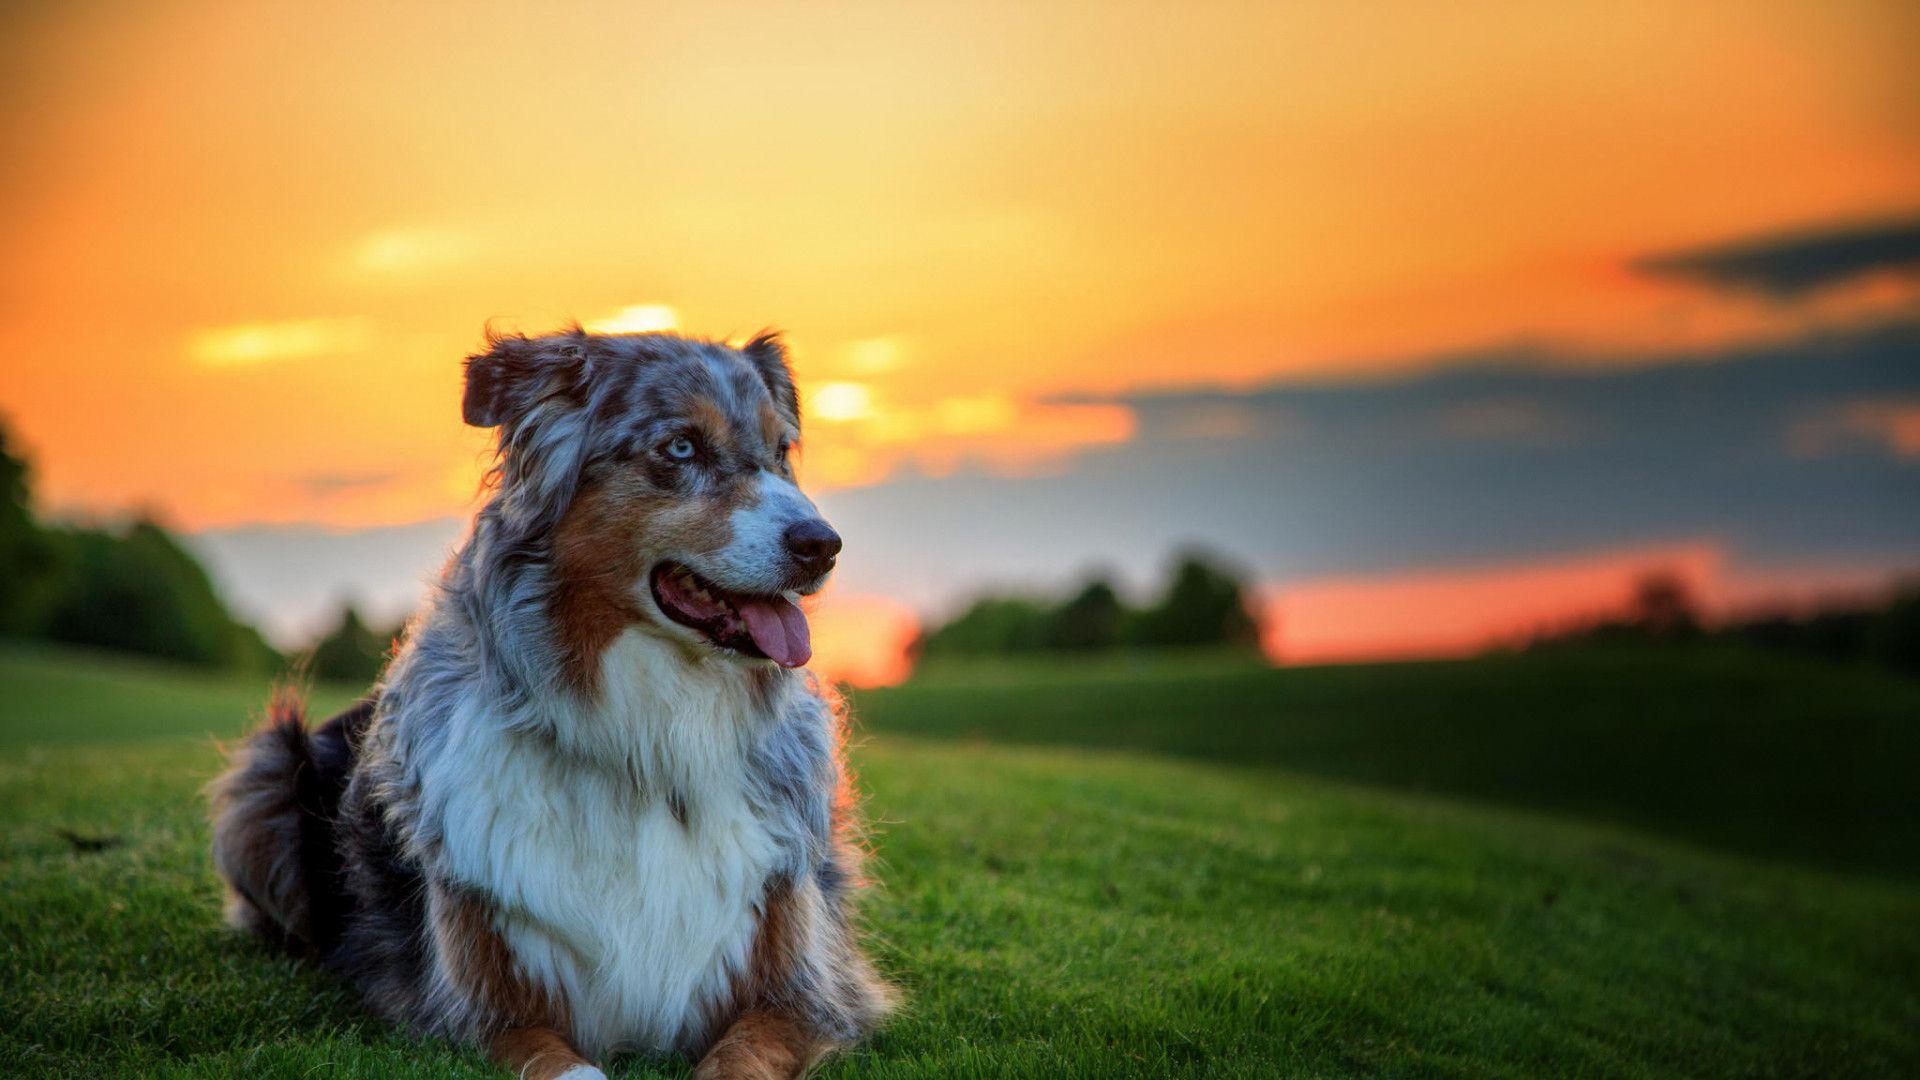 1920x1080 1920x1080 Wallpaper Australian Shepherd Dog Aussie Dog Grass Sunset Aussie Dogs Dog Wallpaper Dog Pictures Wallpaper cute pet dog sunset house